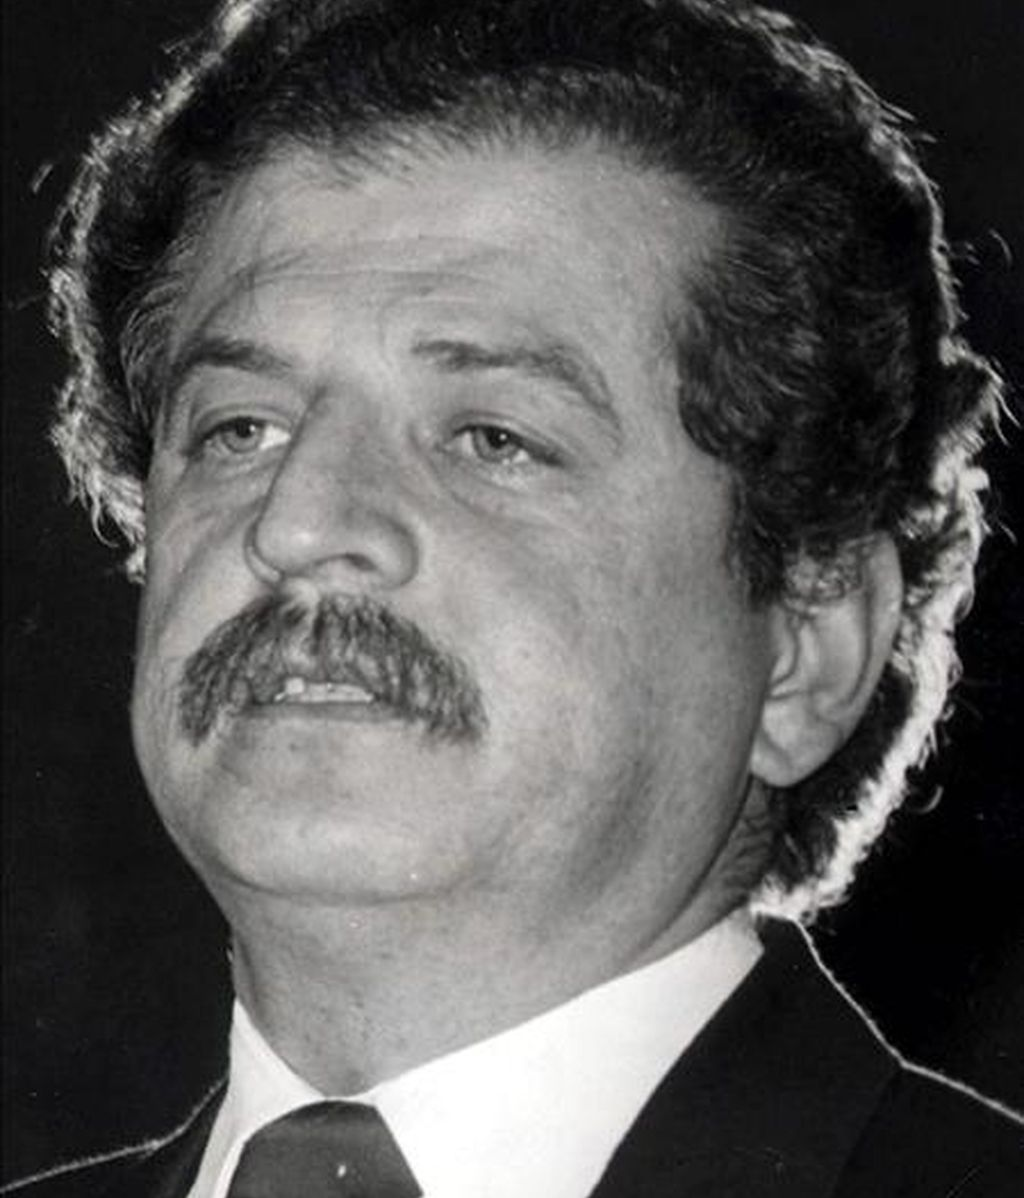 Fotografía de archivo sin fechar en la que se observa al dirigente liberal colombiano Luis Carlos Galán Sarmiento, quien fue asesinado el 18 de agosto de 1989 cuando se aprestaba a dar un discurso en la plaza central de Soacha (Colombia). EFE/Archivo